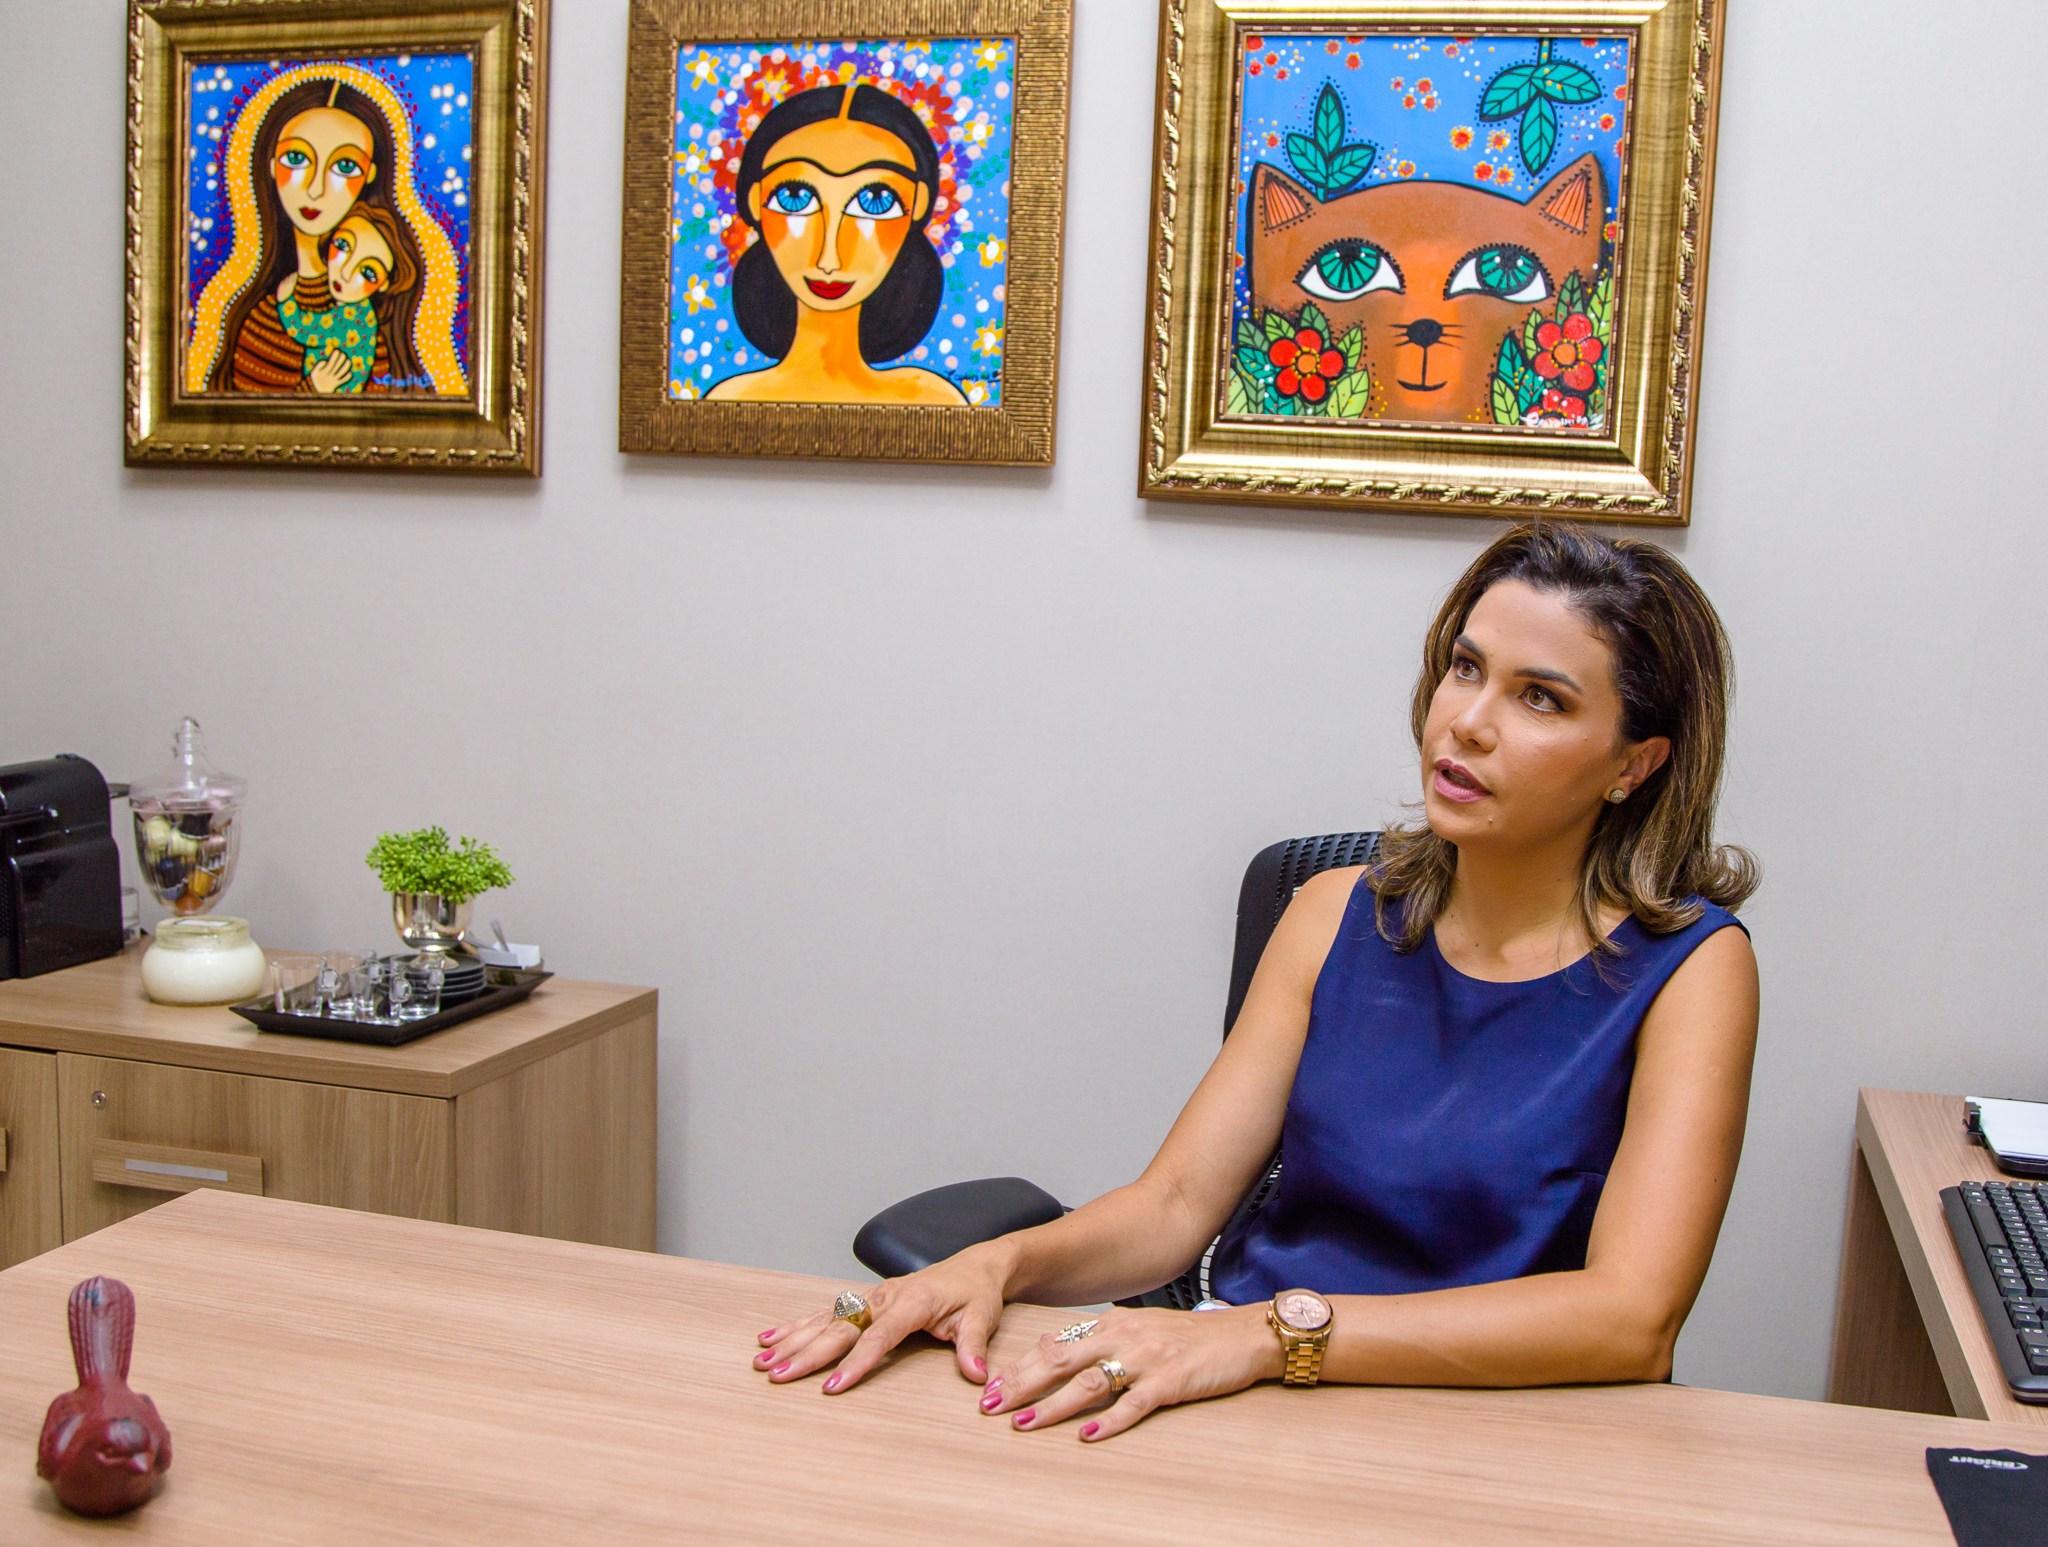 Advogada Nalian Cintra defende que mediação e conciliação são caminhos seguros para desafogar o Judiciário. Foto: Kamila Anjos - Foto: